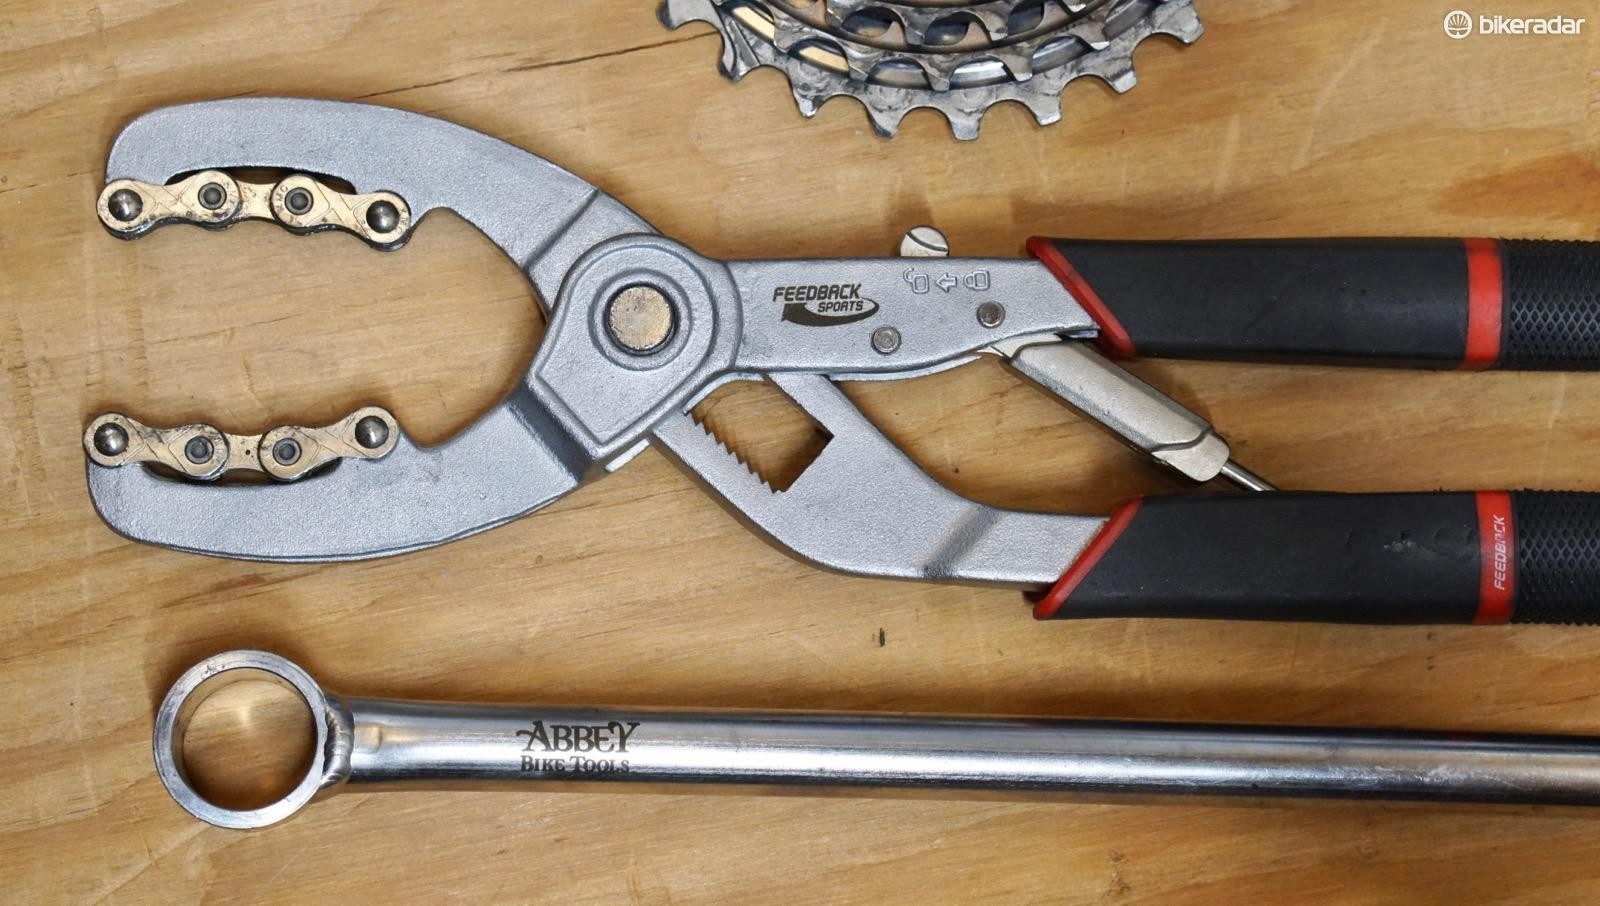 Feedback Sports' cassette pliers + Abbey Bike Tools' Crombie lockring tool = easy cassette work